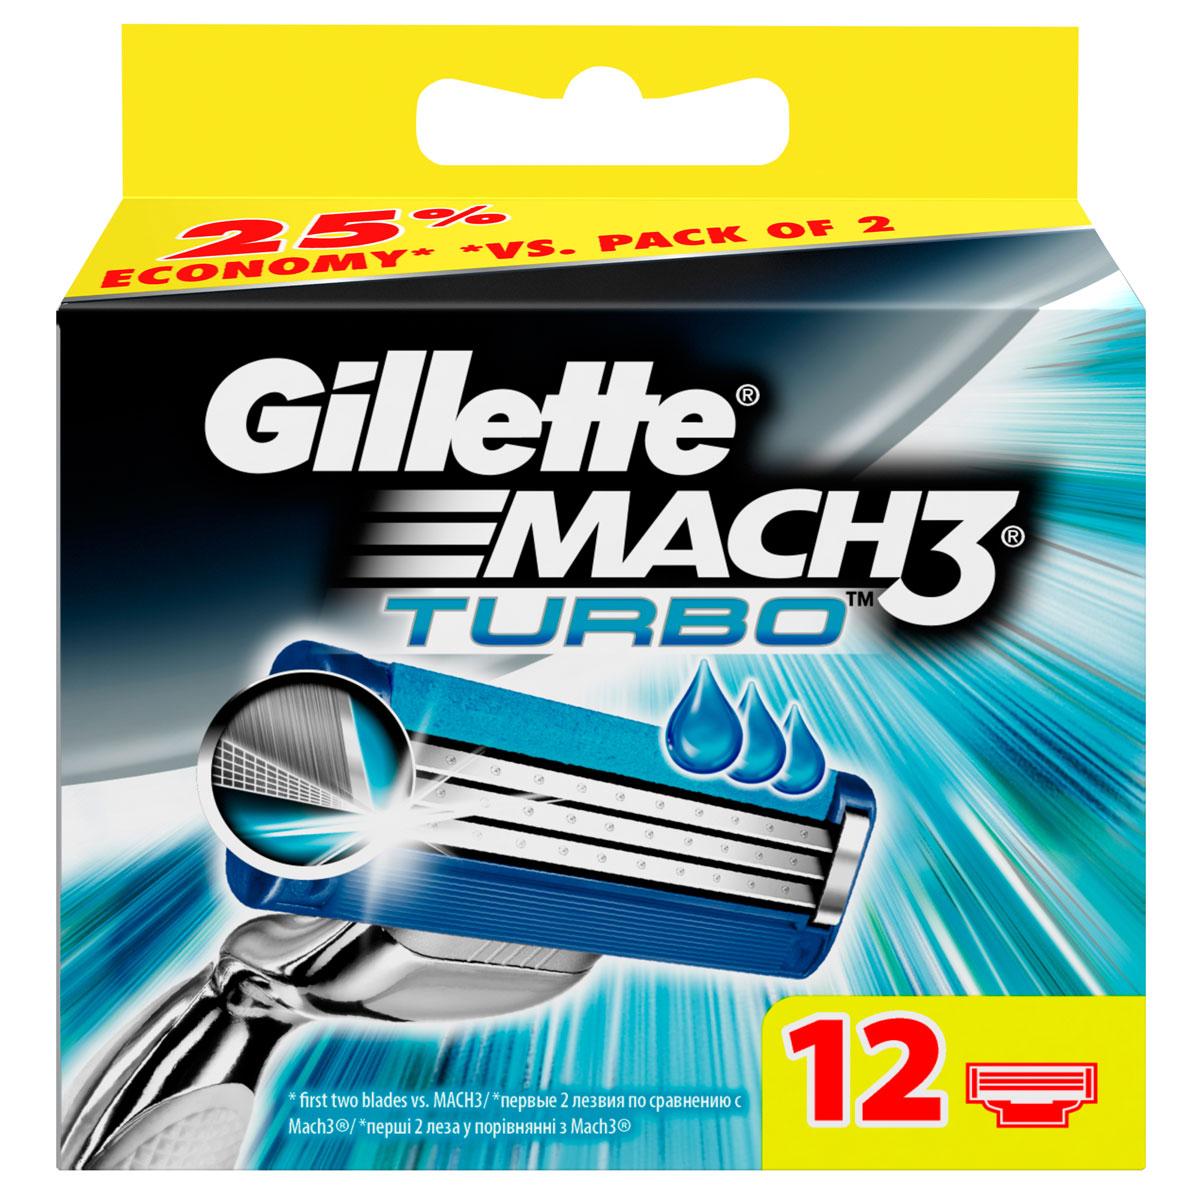 Сменные кассеты для бритья Gillette Mach 3 Turbo, 12 шт.